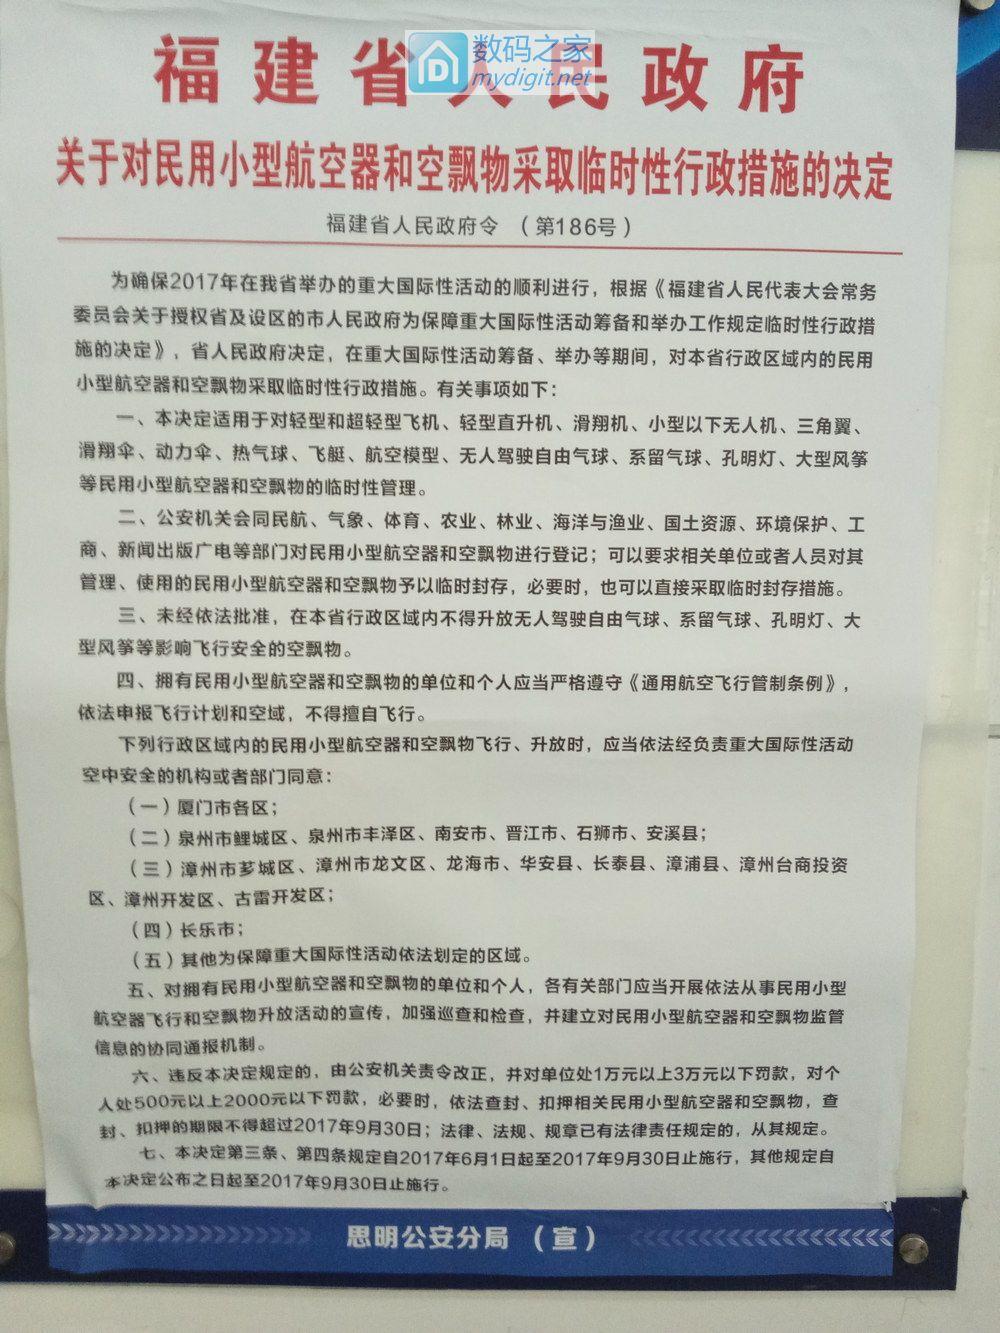 福建省人民政府 关于对民用小型航空器和空飘物采取临时性行政措施的决定